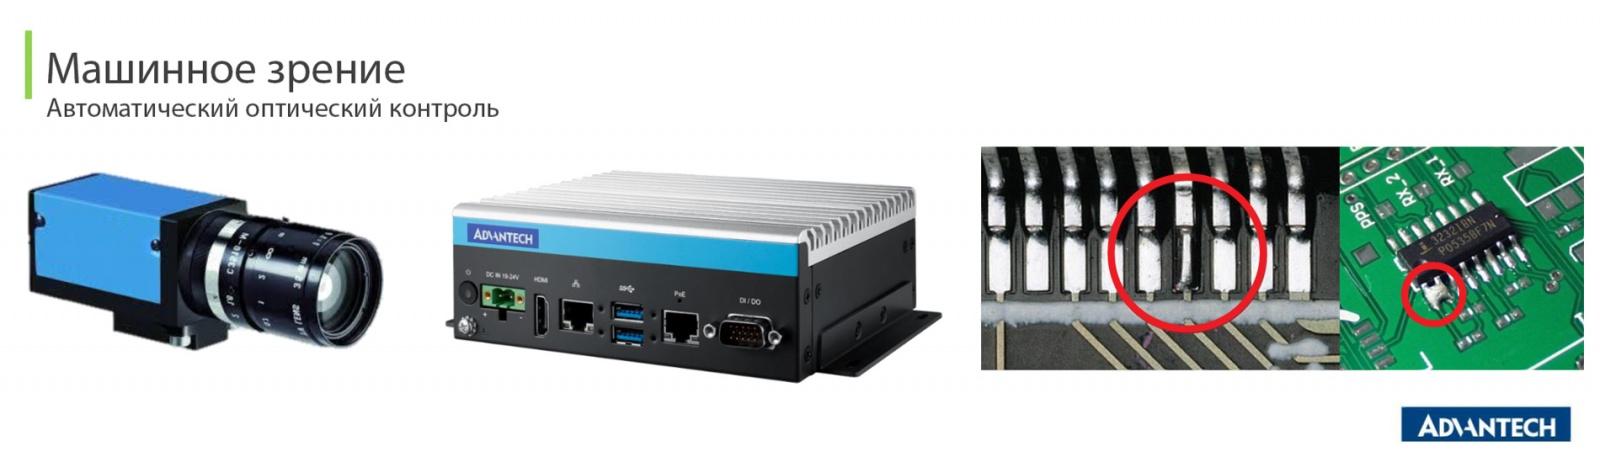 Встраиваемые системы машинного обучения на базе Nvidia Jetson - 10